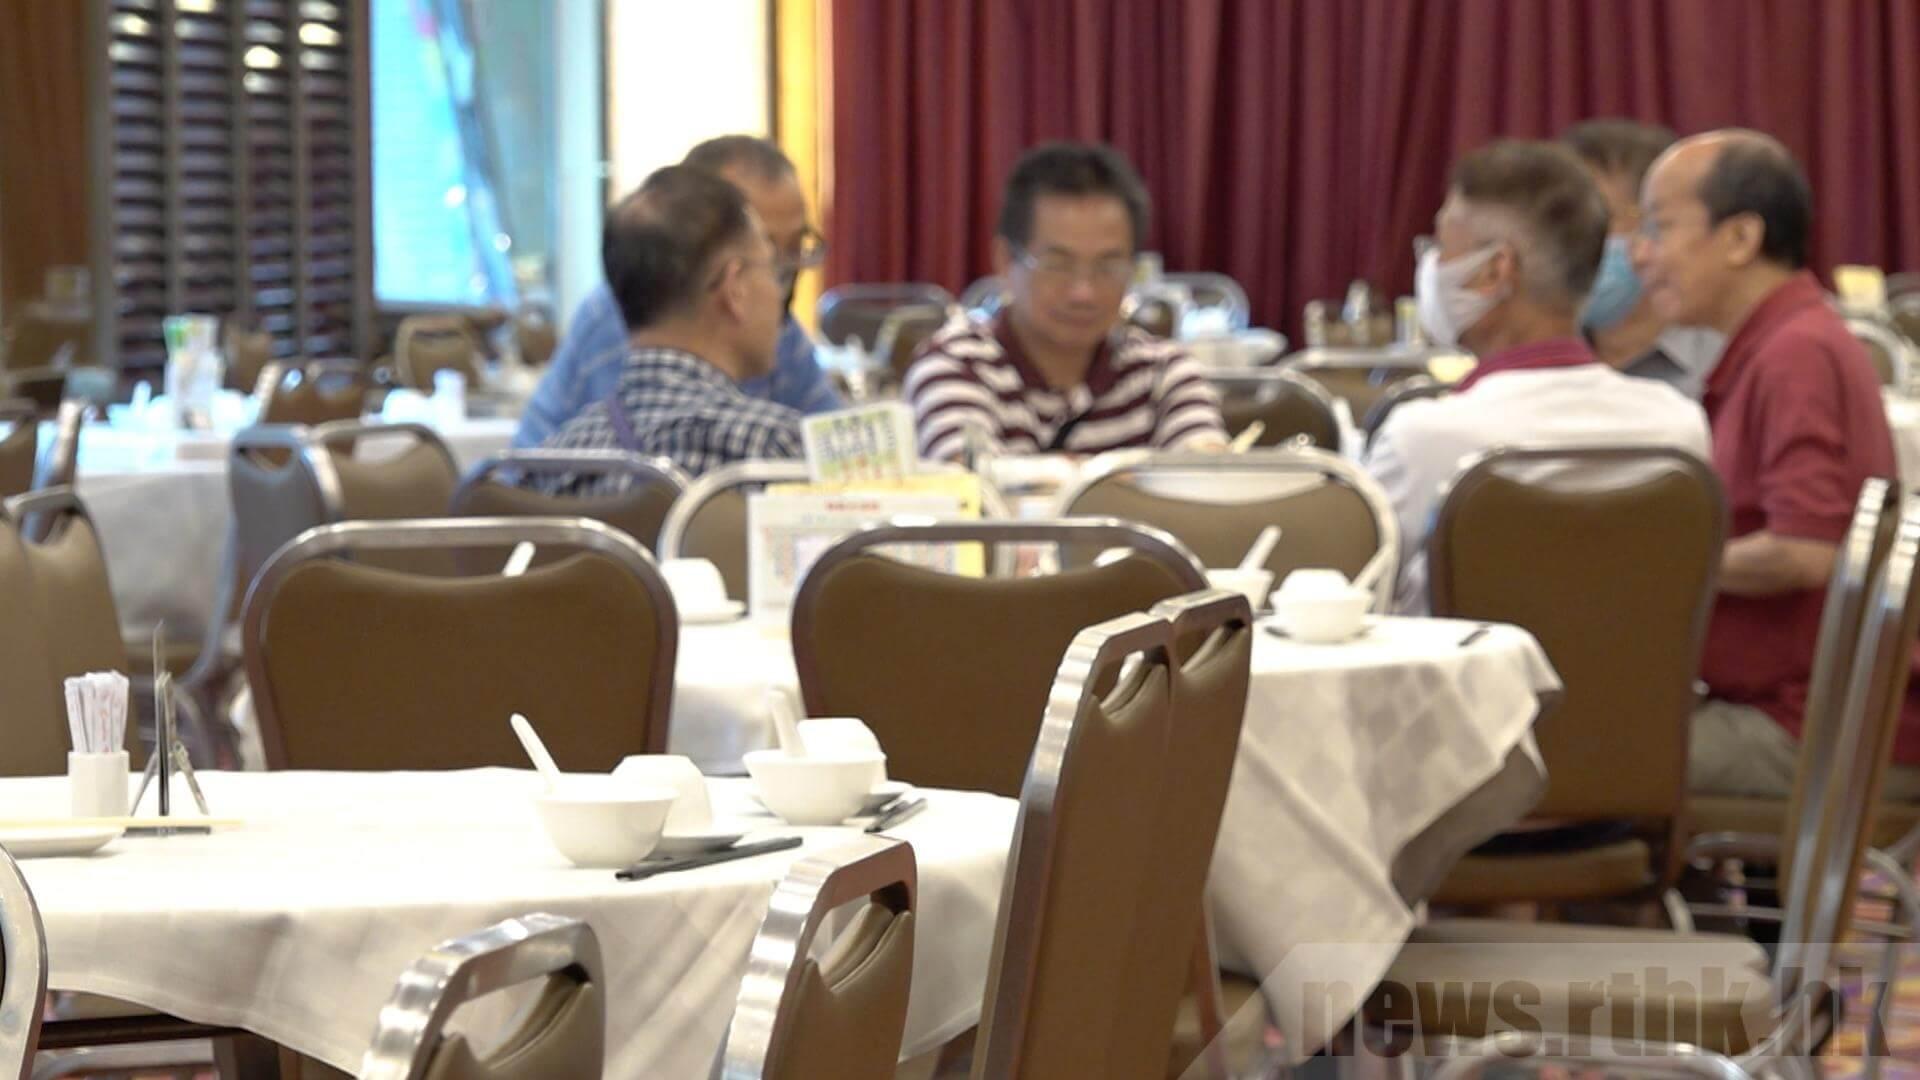 【速報】香港は7/29より終日店内飲食禁止、屋外マスク着用強制へ:羅湖では香港の感染者滞在エリアで一斉PCR検査実施